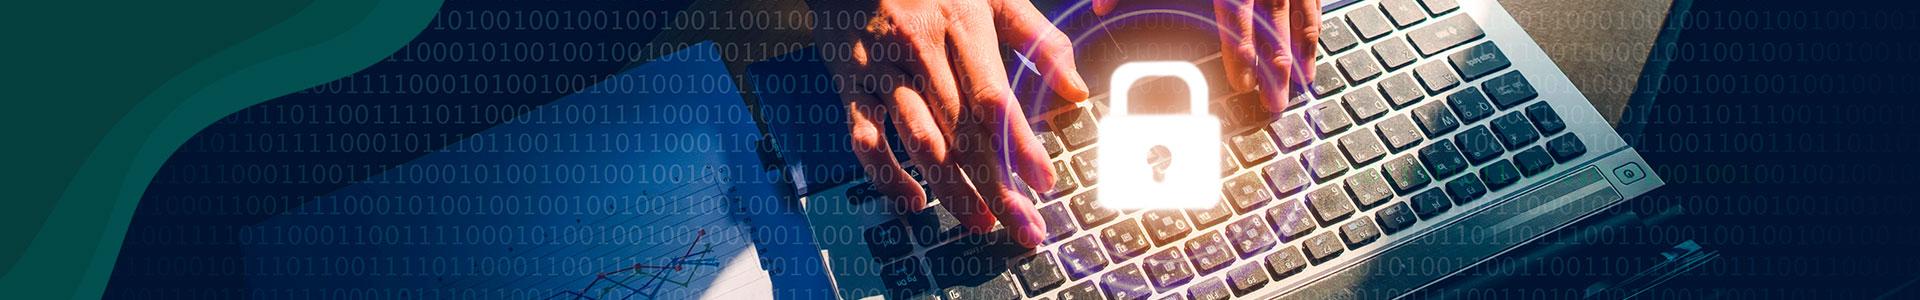 Diploma de Especialización en Ciberseguridad